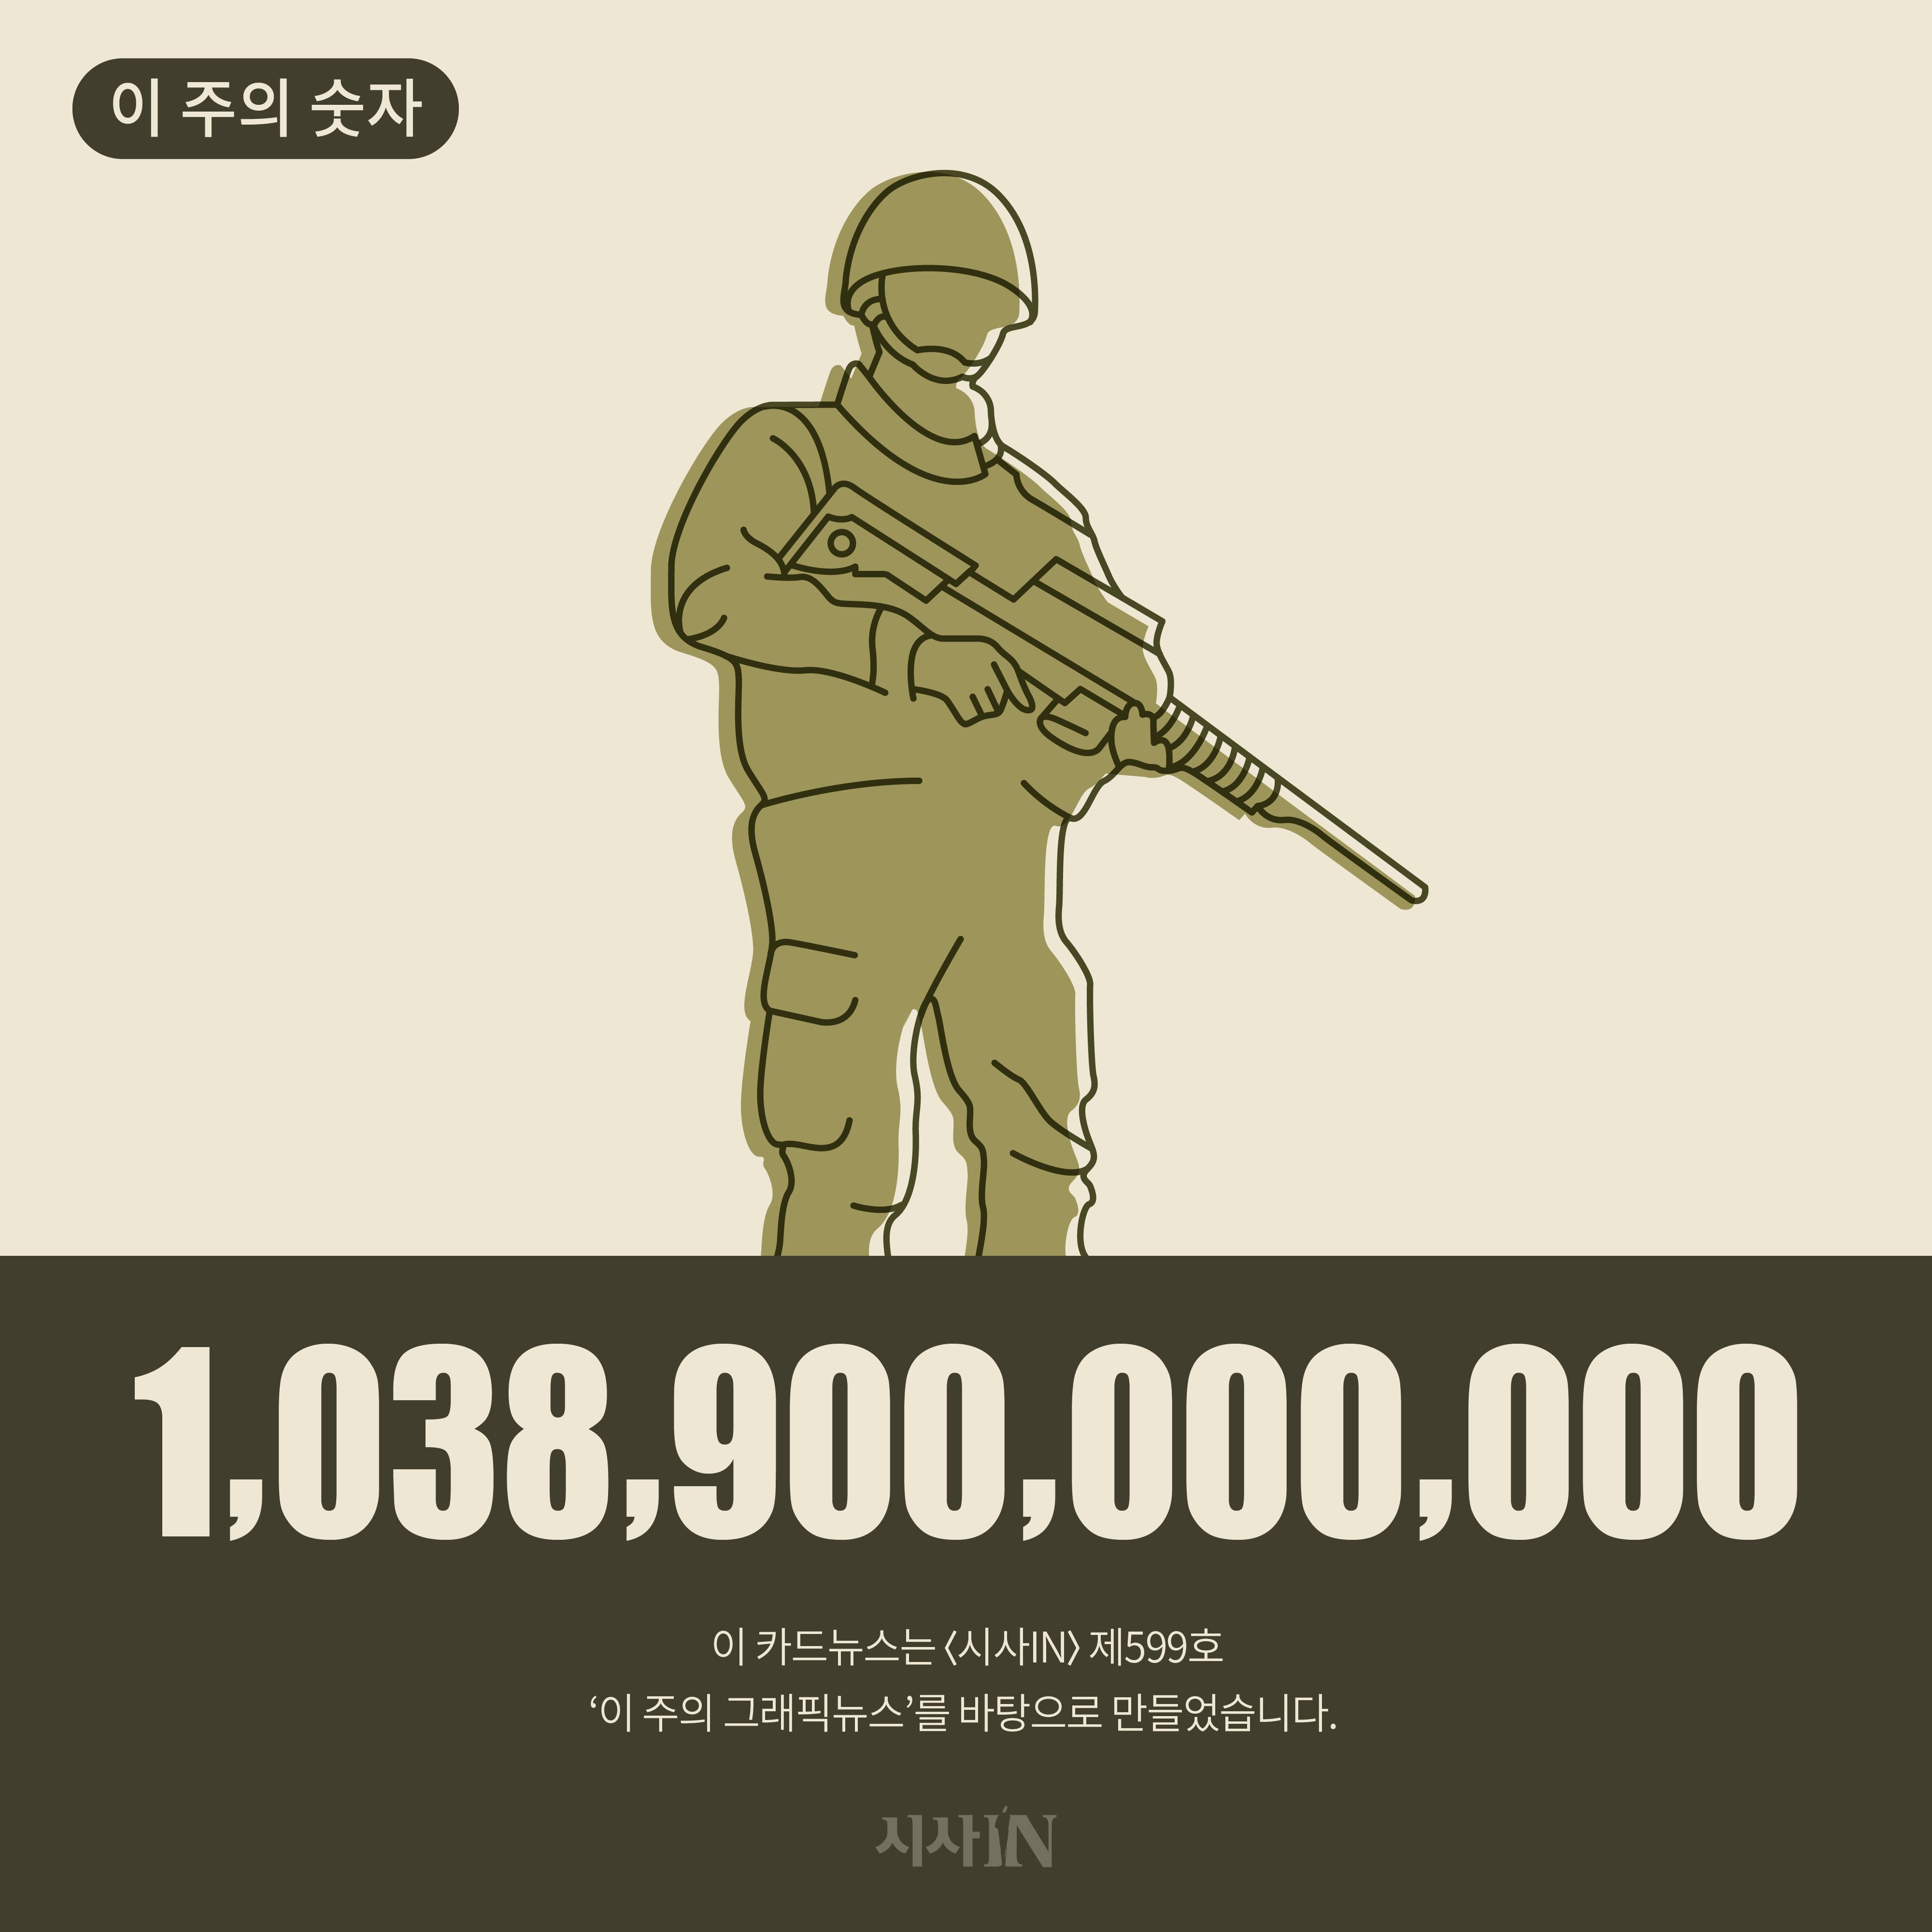 [카드뉴스] 이 주의 그래픽 뉴스 - 주한미군 방위비 분담금